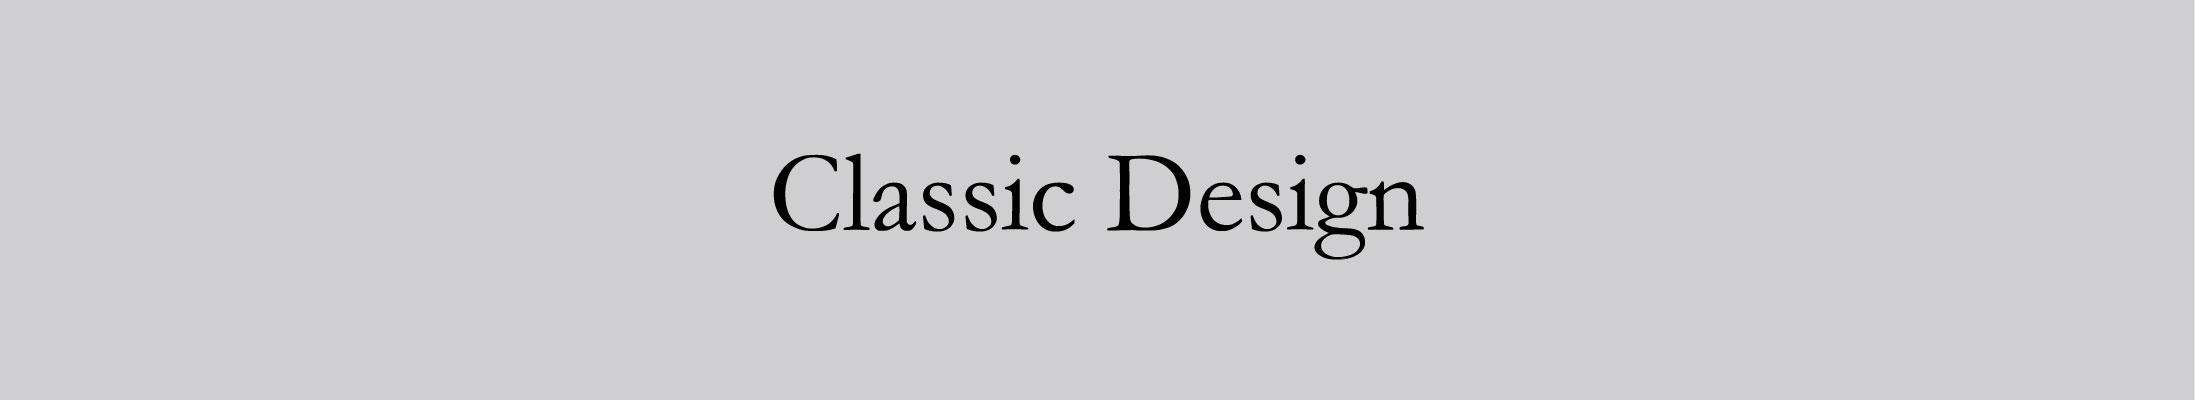 classic-design.jpg